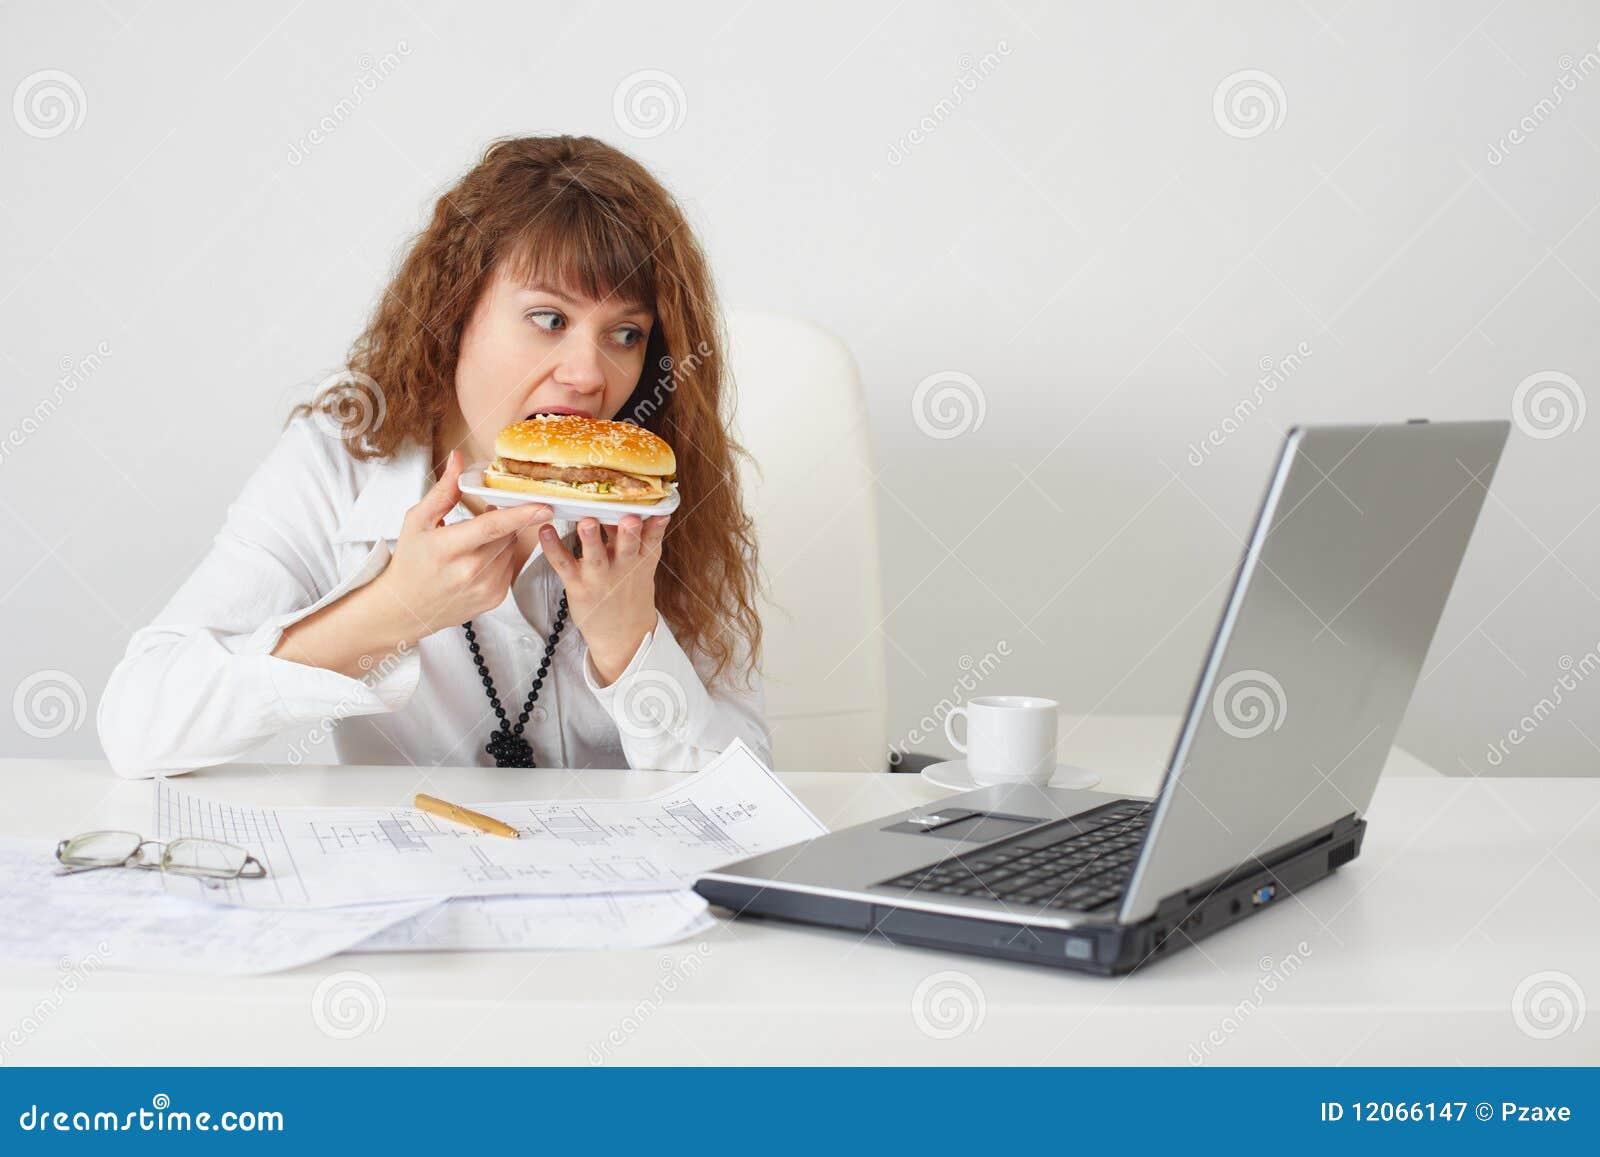 la personne au bureau sur le lieu de travail mange un hamburger image stock image 12066147. Black Bedroom Furniture Sets. Home Design Ideas